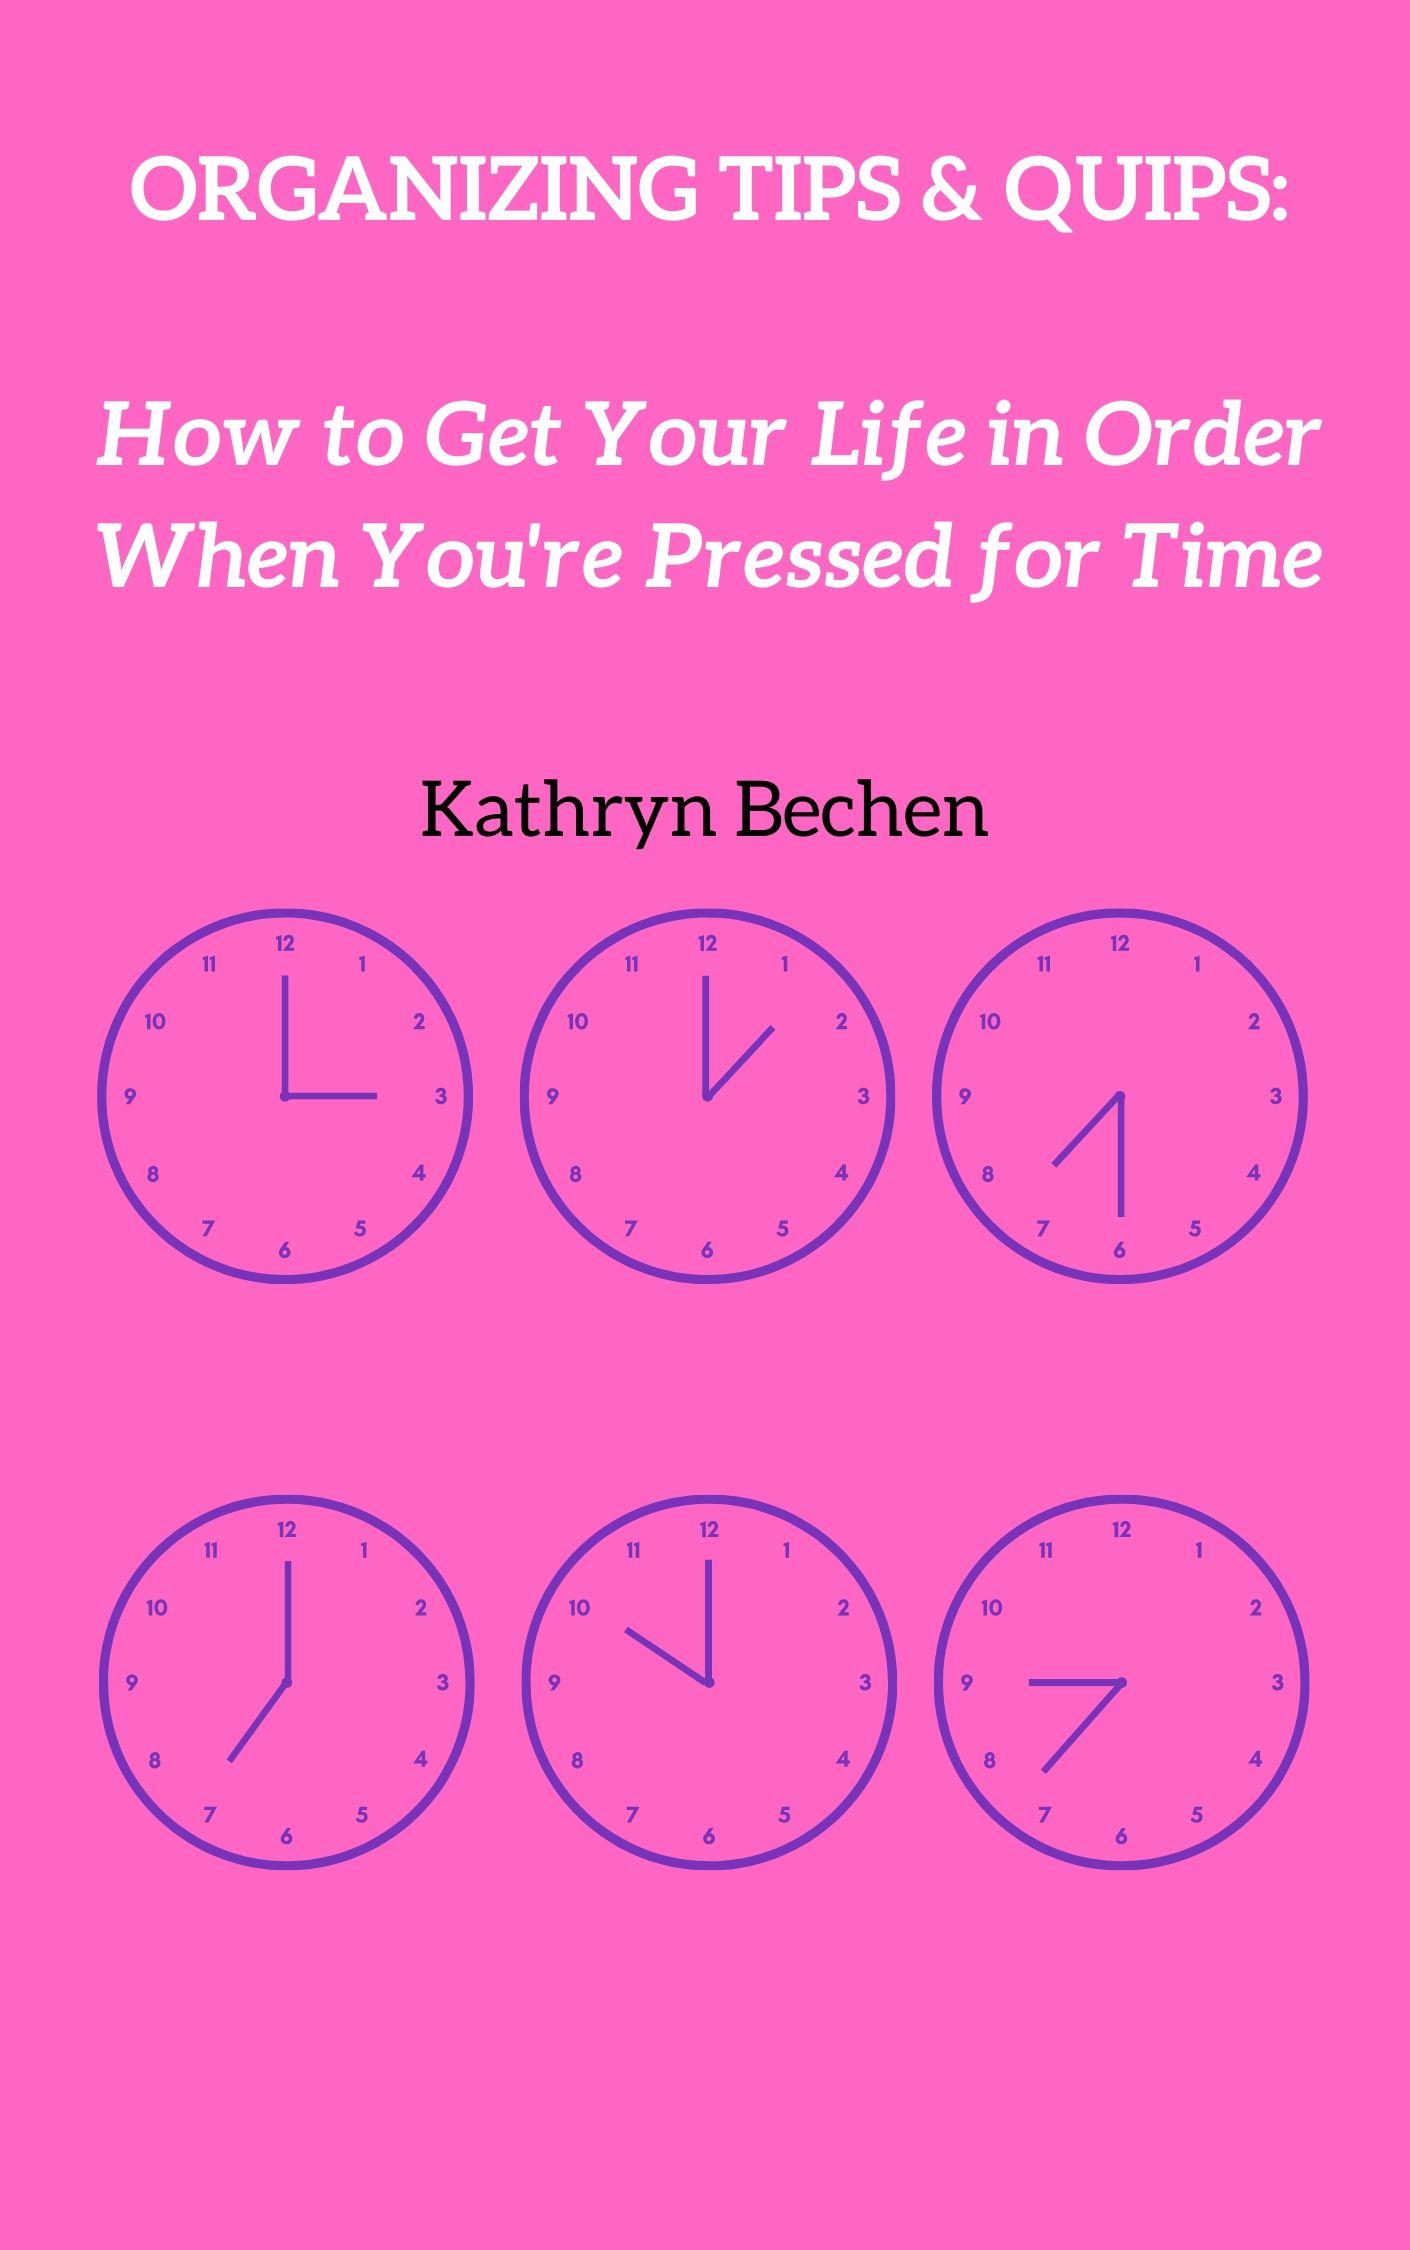 Organizing Tips & Quips Kathryn Bechen